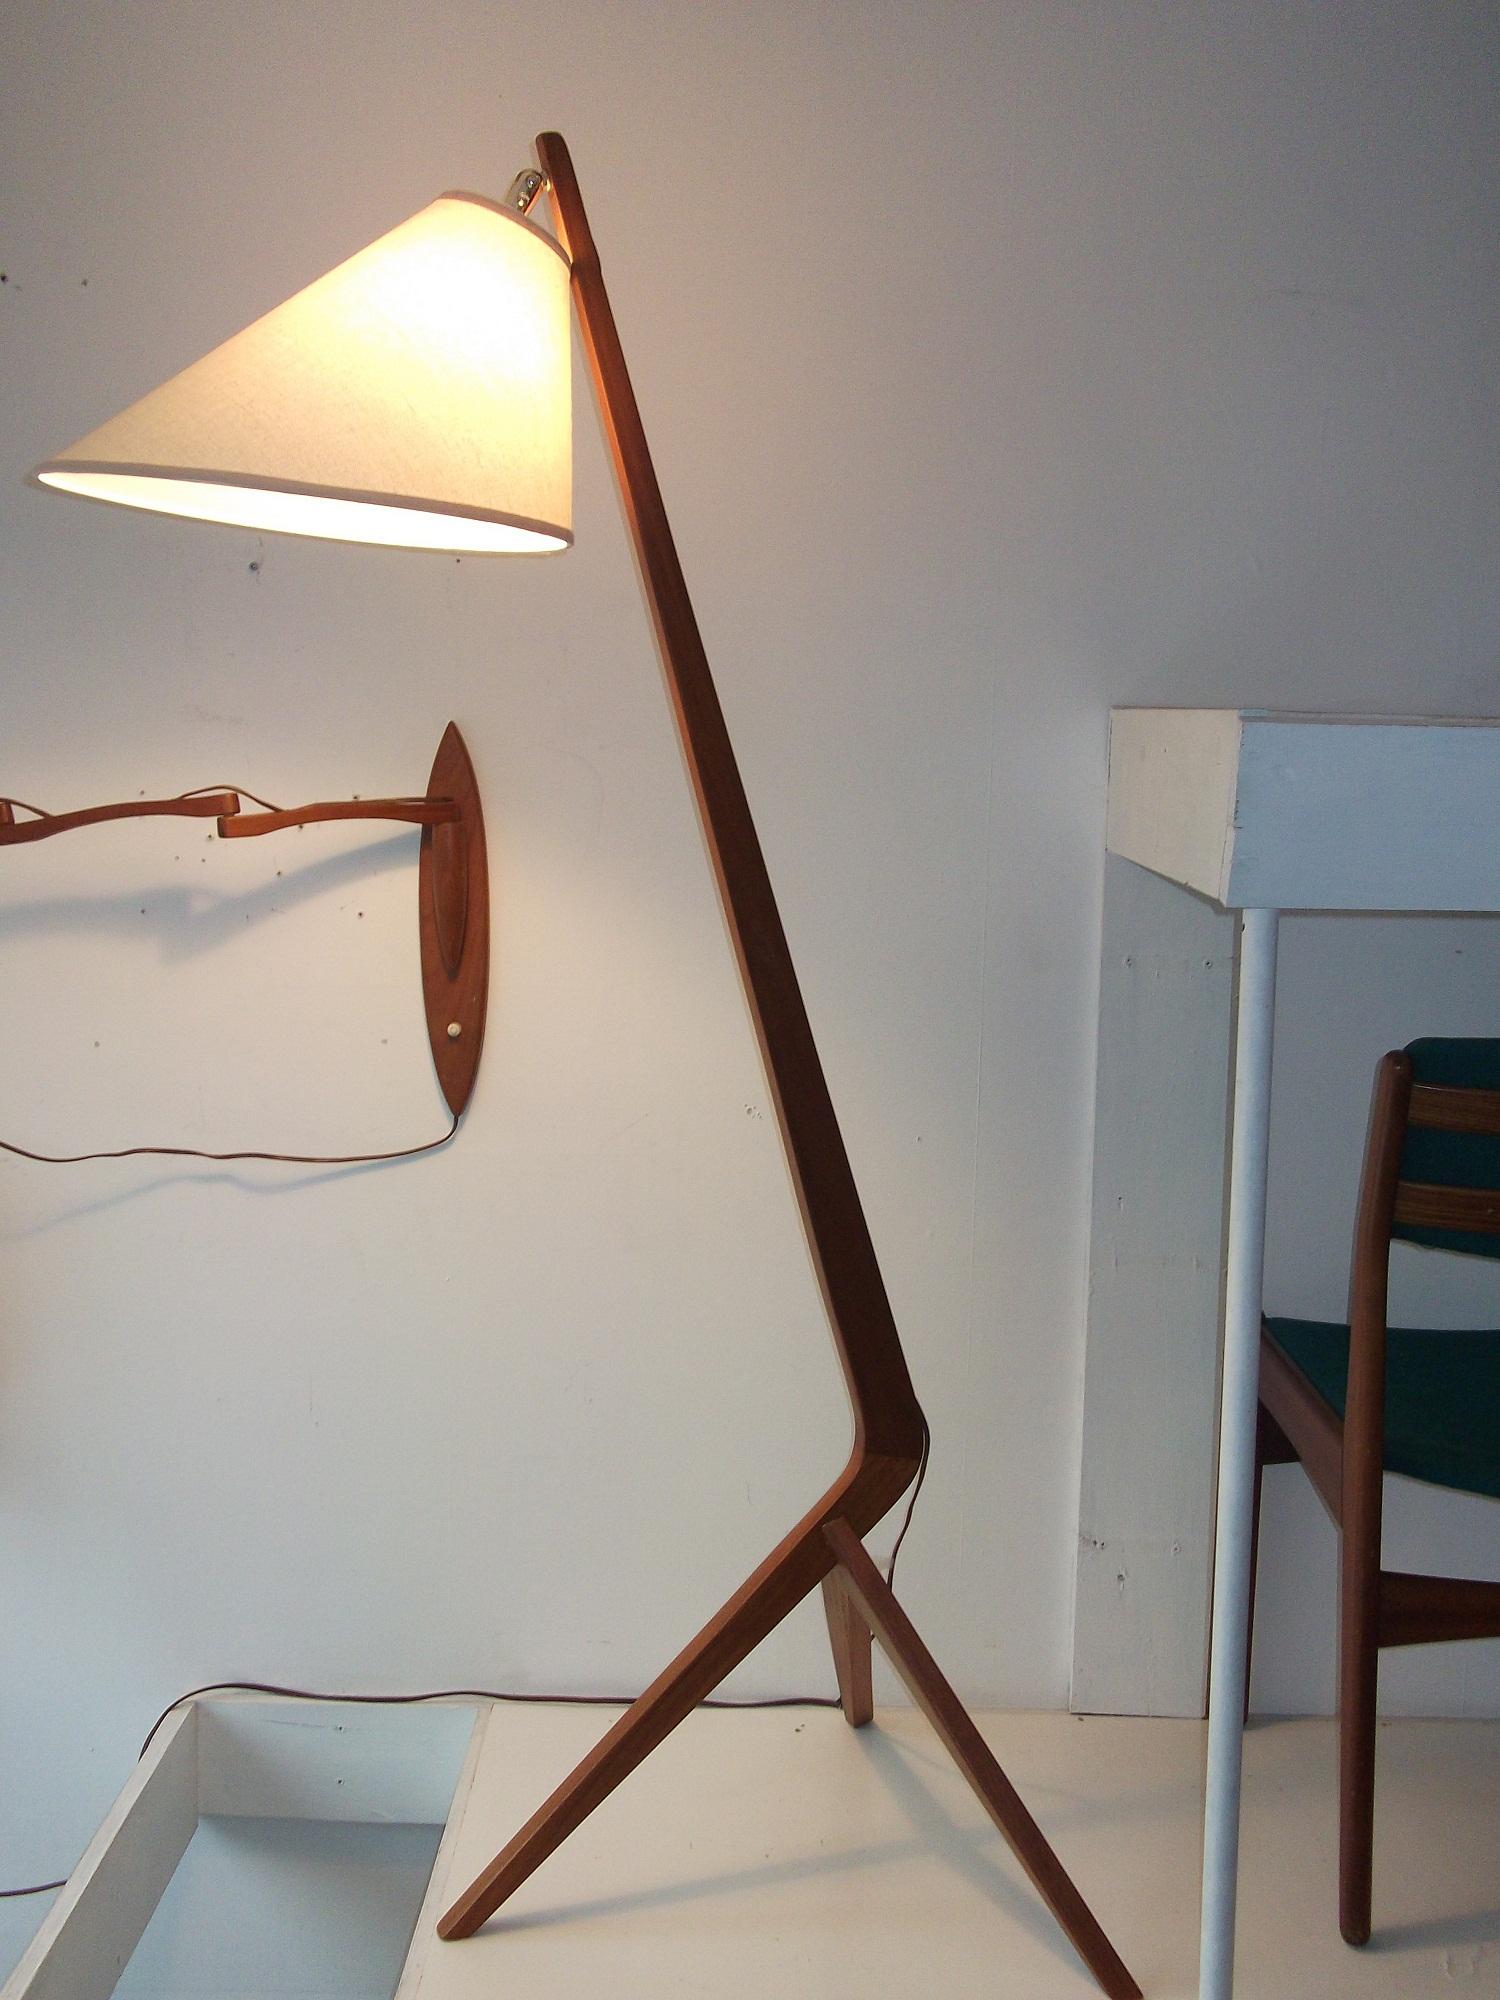 Teak Floor Lamps: Ideal Placement of Teak Floor Lamps,Lighting